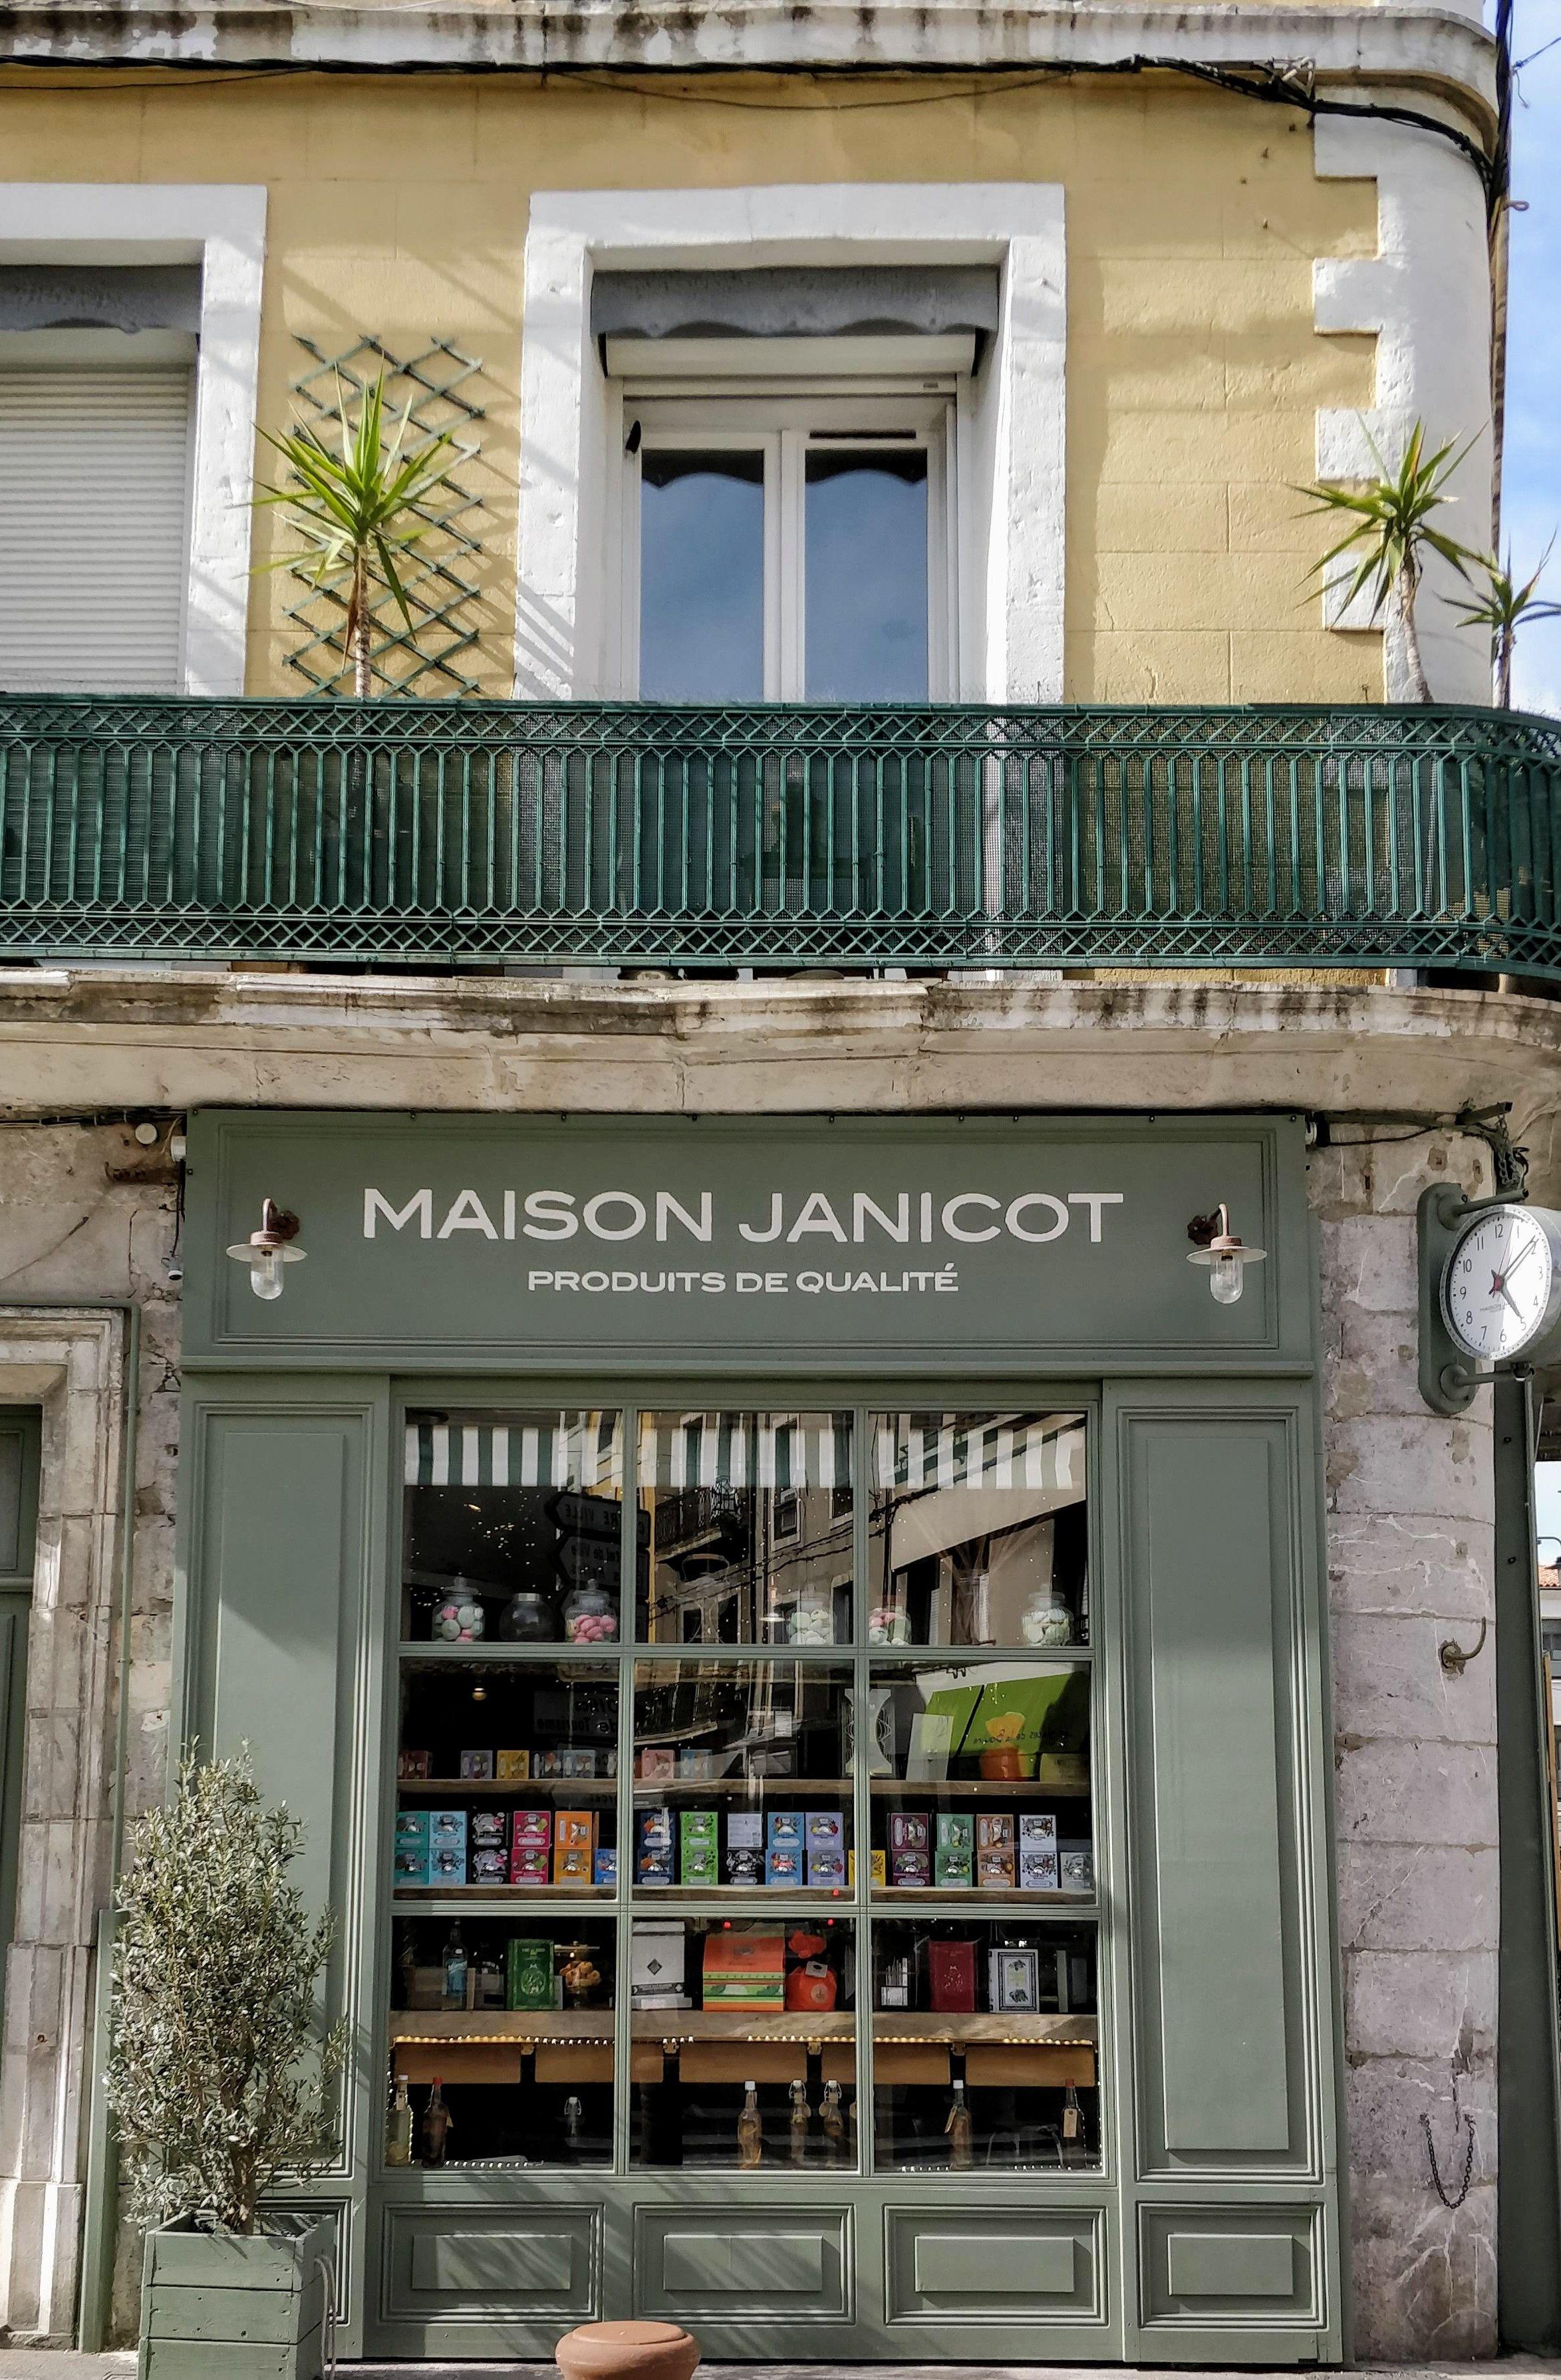 MAISON JANICOT SETE